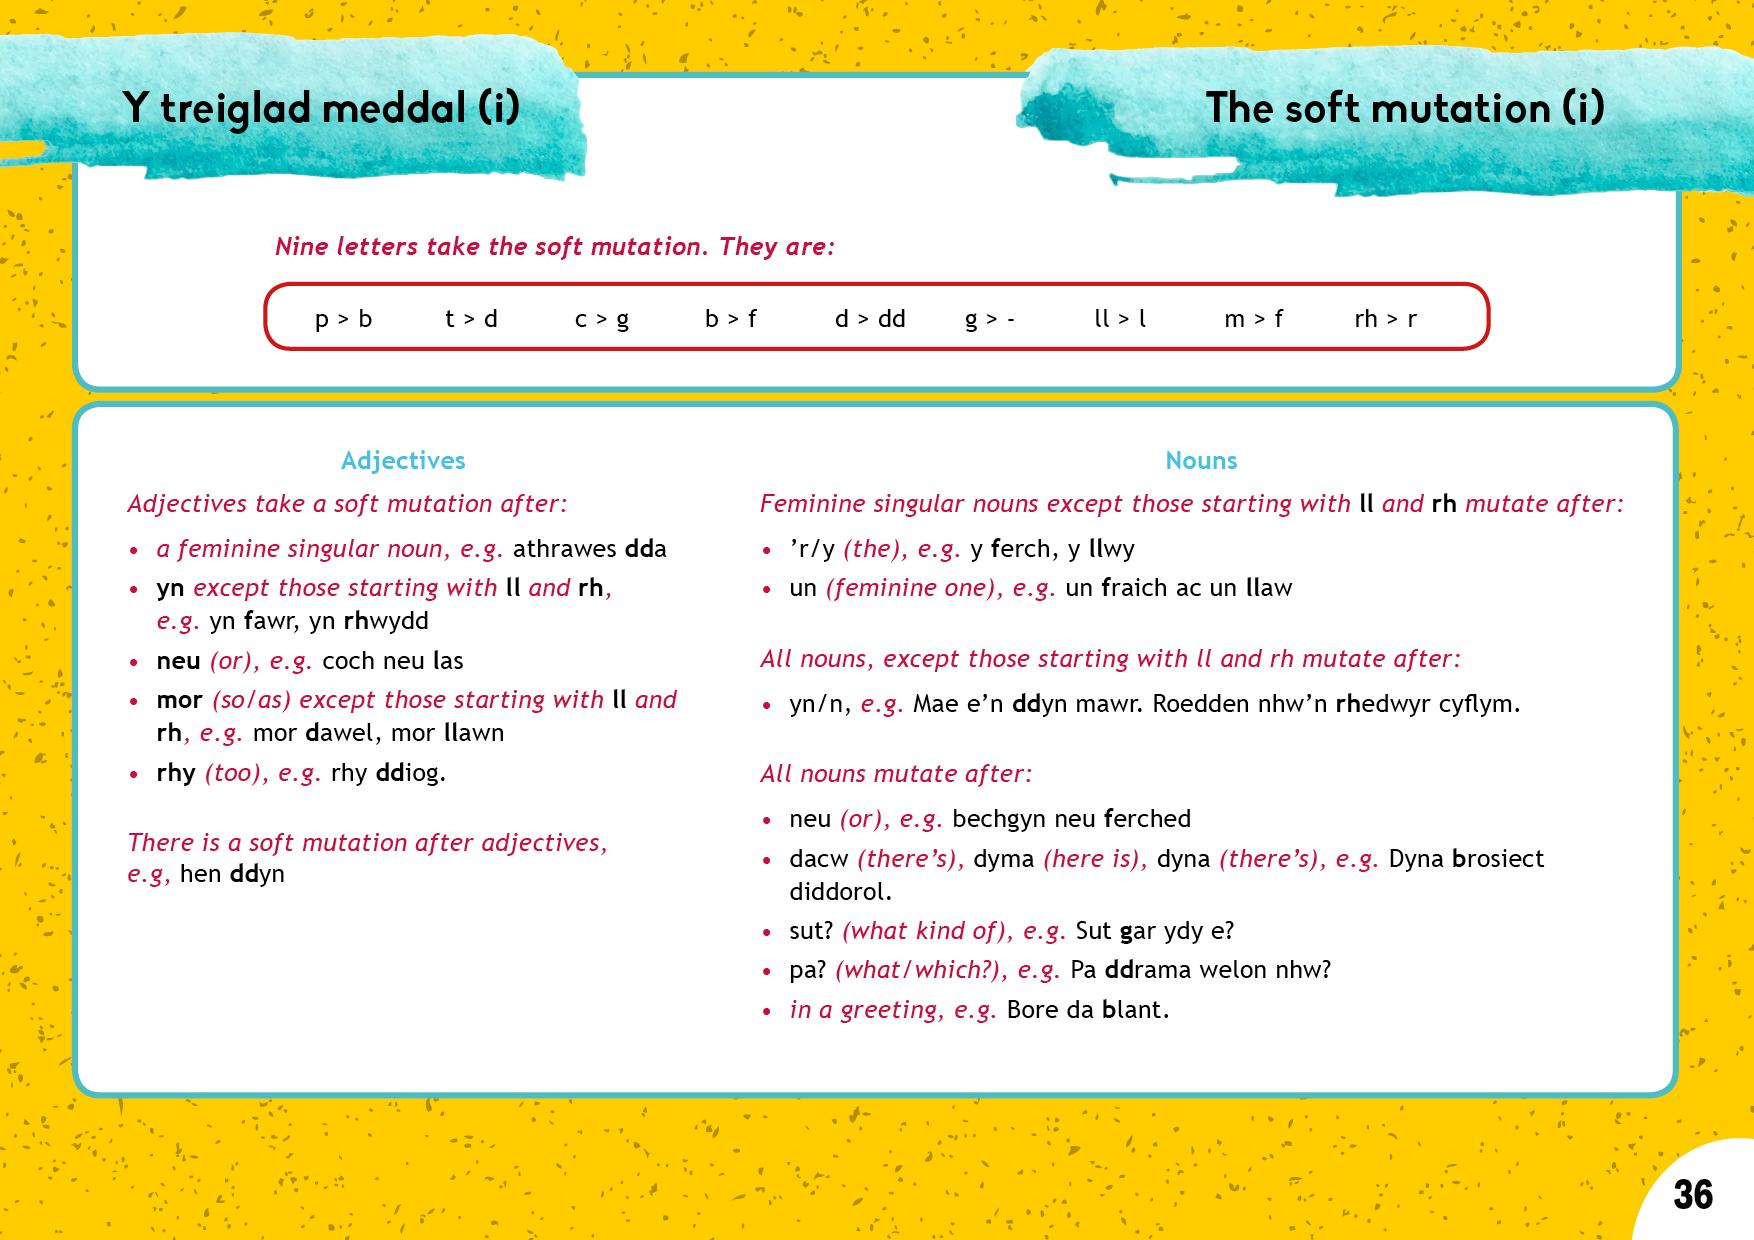 Y treiglad meddal (i) | The soft mutation (i)